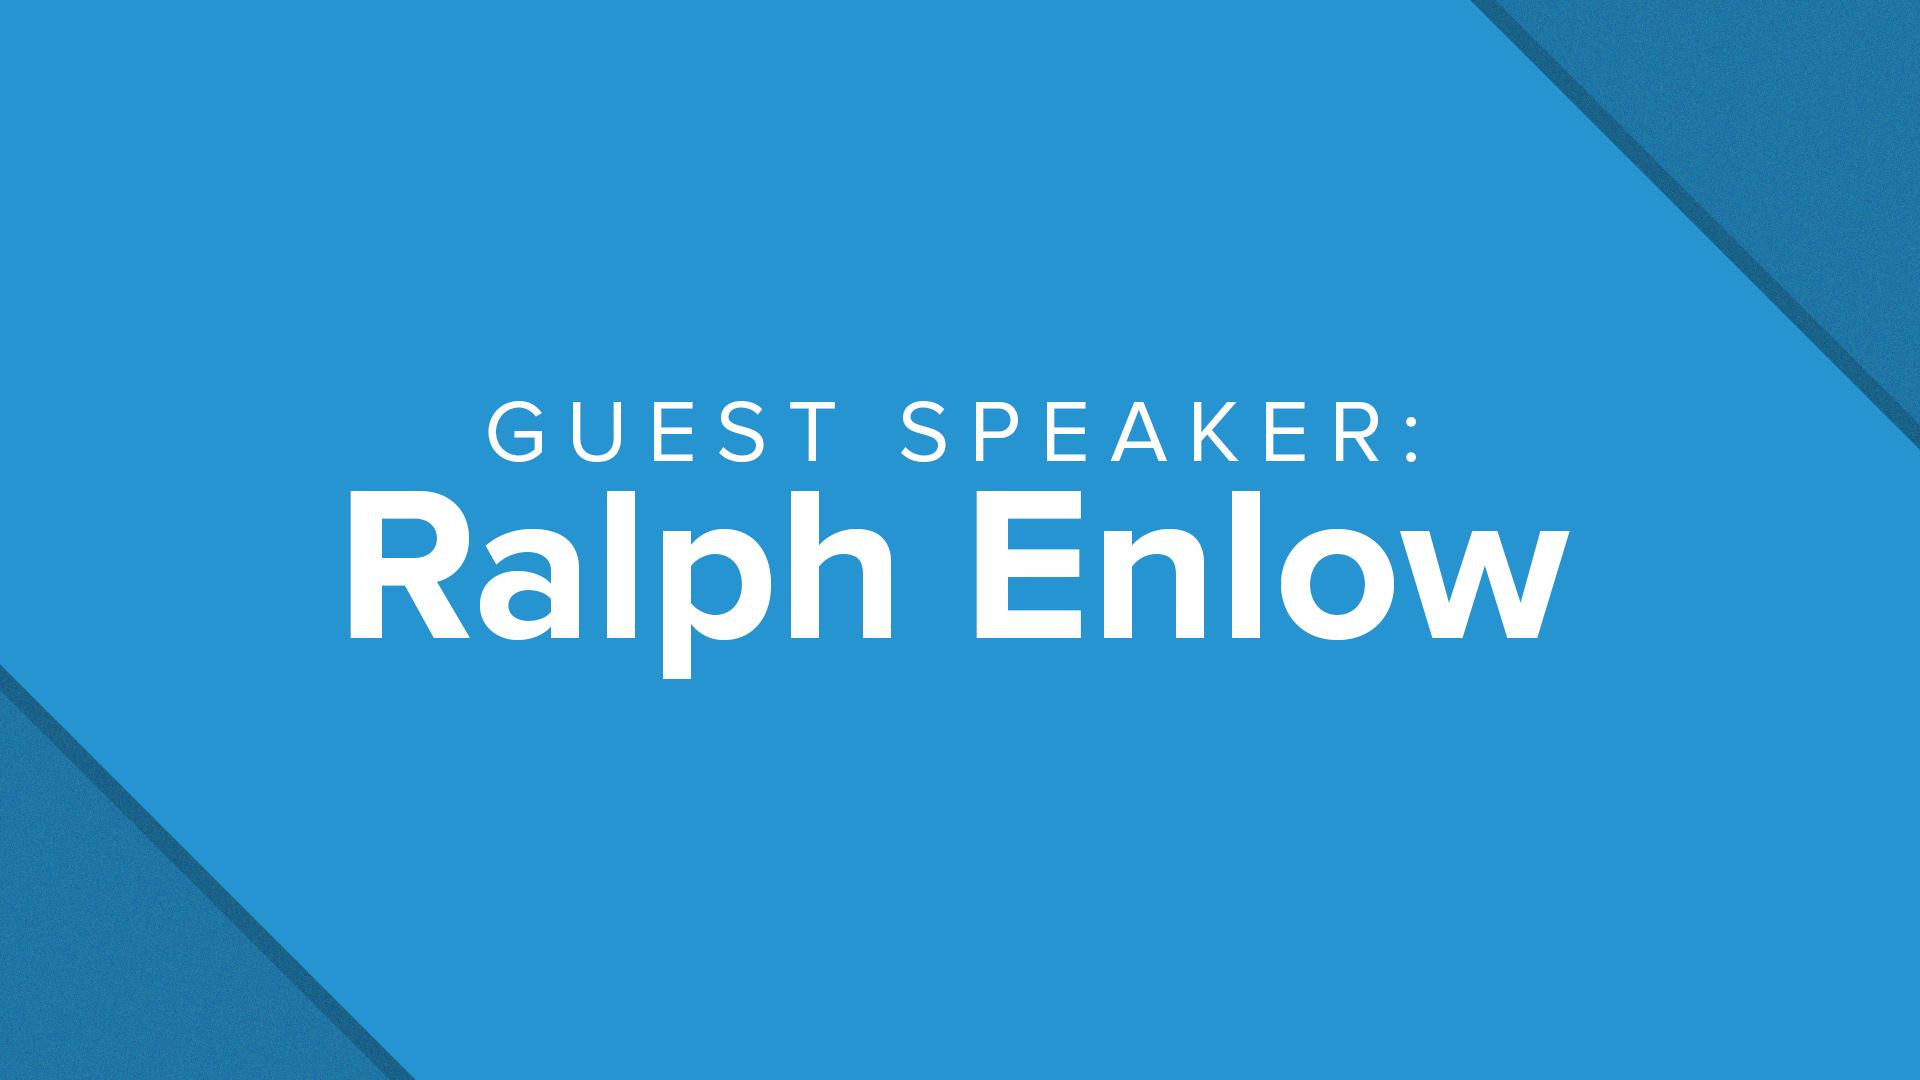 Guest Speaker: Ralph Enlow